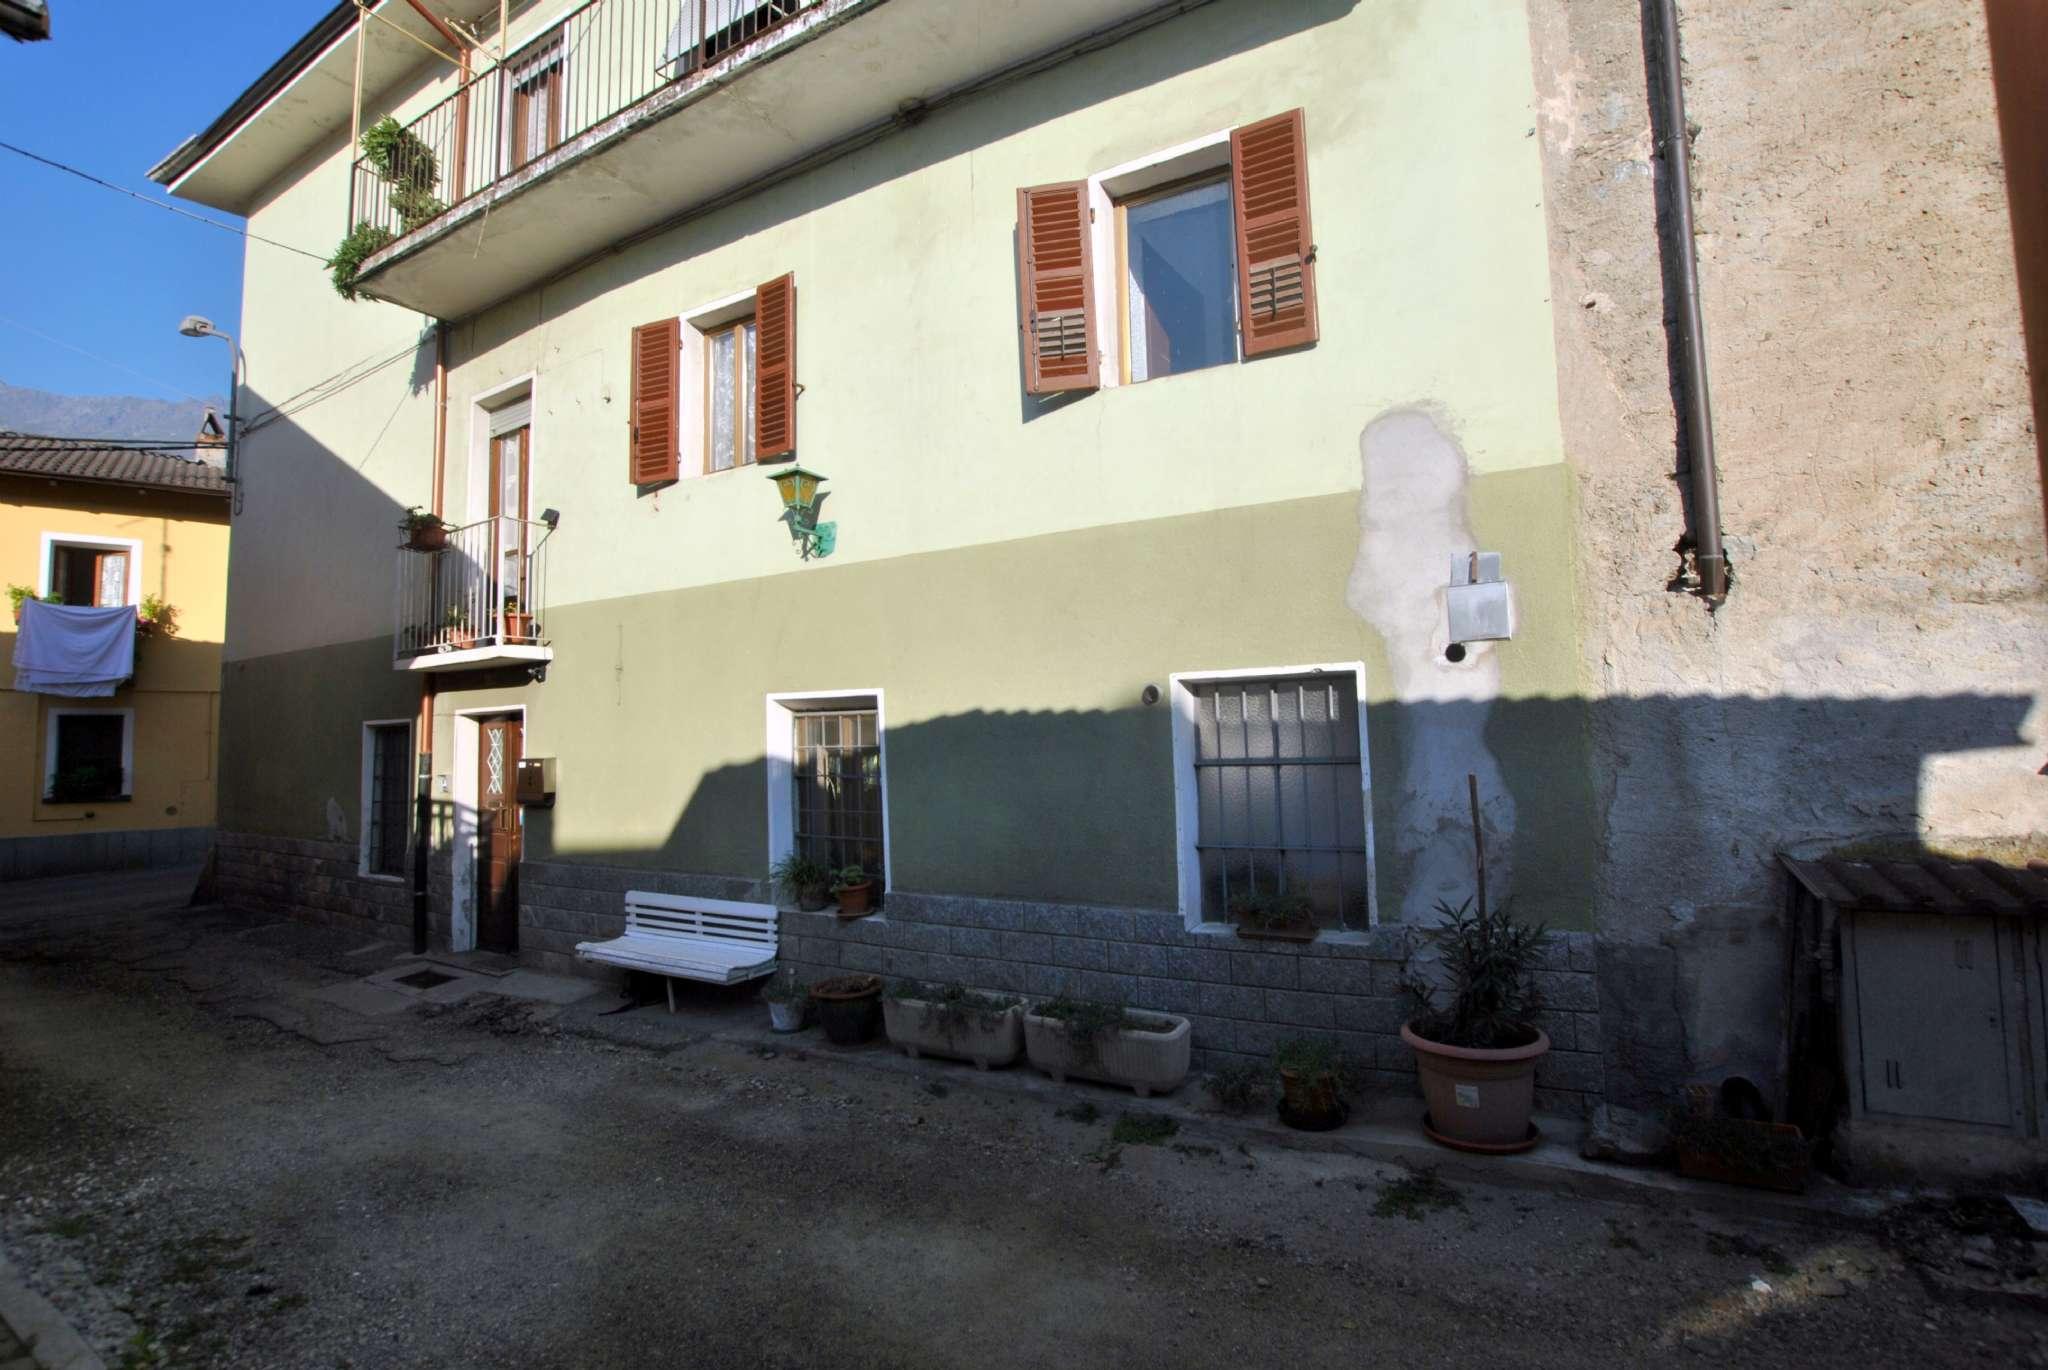 Soluzione Semindipendente in vendita a San Giorio di Susa, 6 locali, prezzo € 59.000 | PortaleAgenzieImmobiliari.it